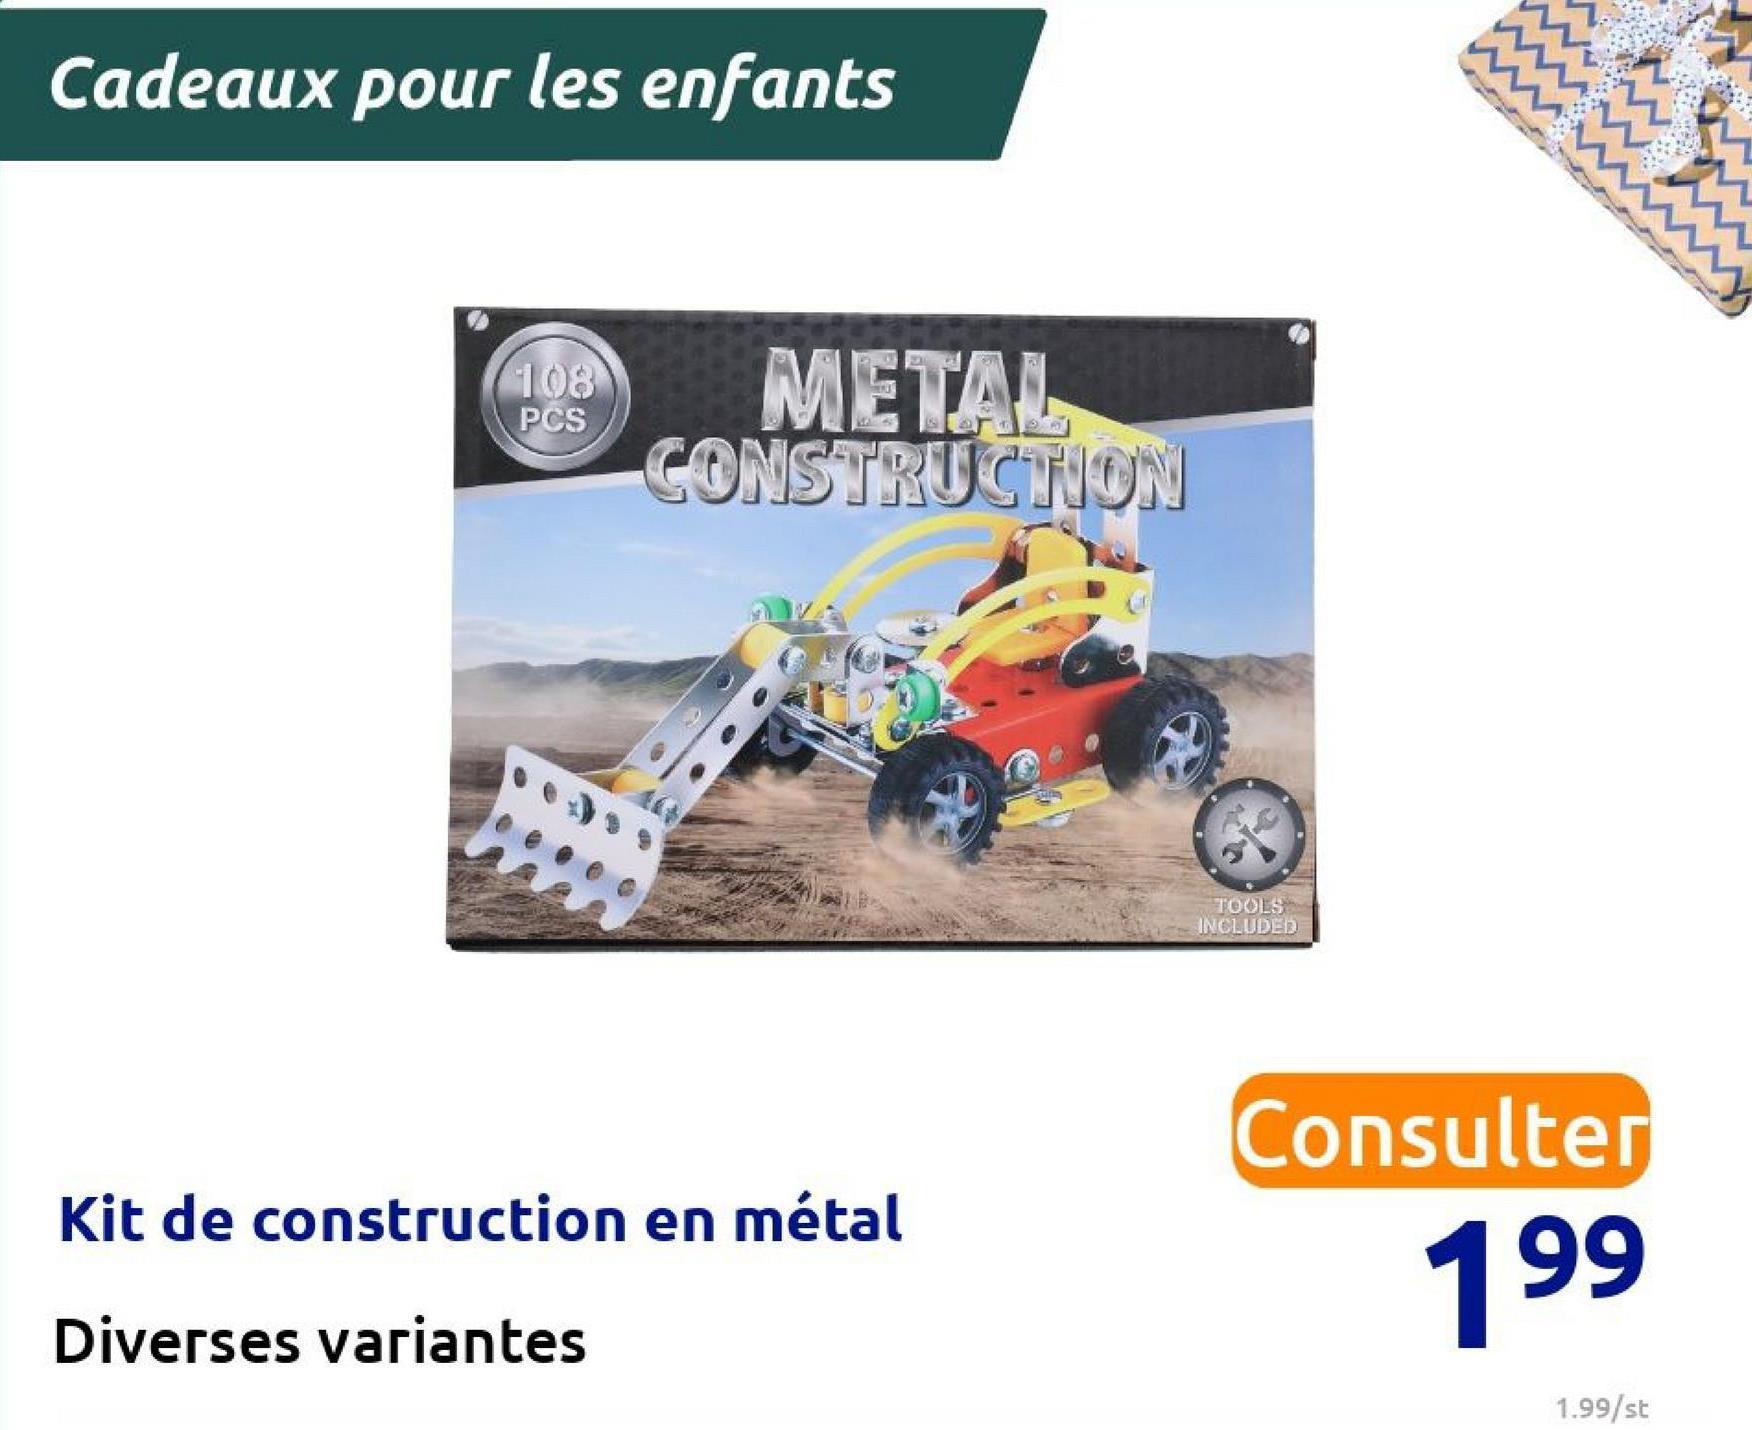 Cadeaux pour les enfants 33 108 PCS METAL CONSTRUCNON TOOLS INCLUDED Consulter Kit de construction en métal 199 Diverses variantes 1.99/st